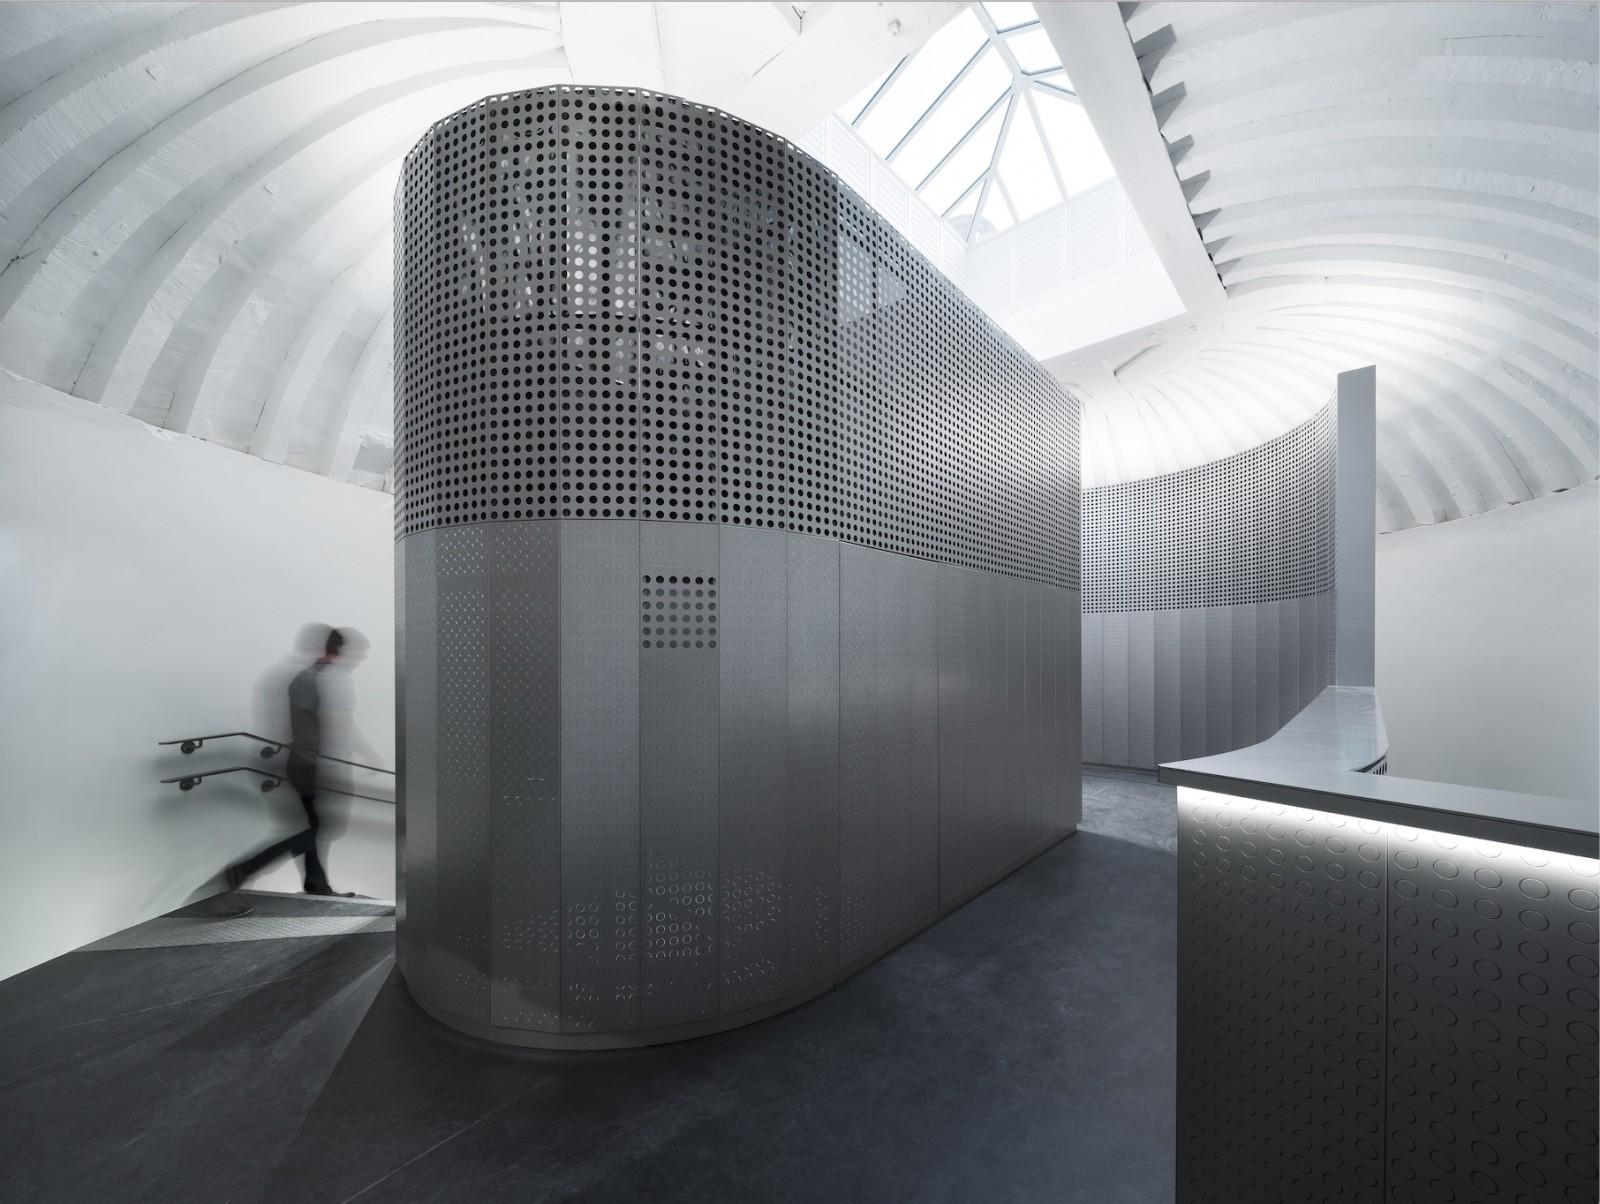 Musée 11 Conti de la Monnaie de Paris, escalier de la matière transformée, Philippe Prost, architecte / AAPP © adagp – 2017 © Aitor Ortiz.